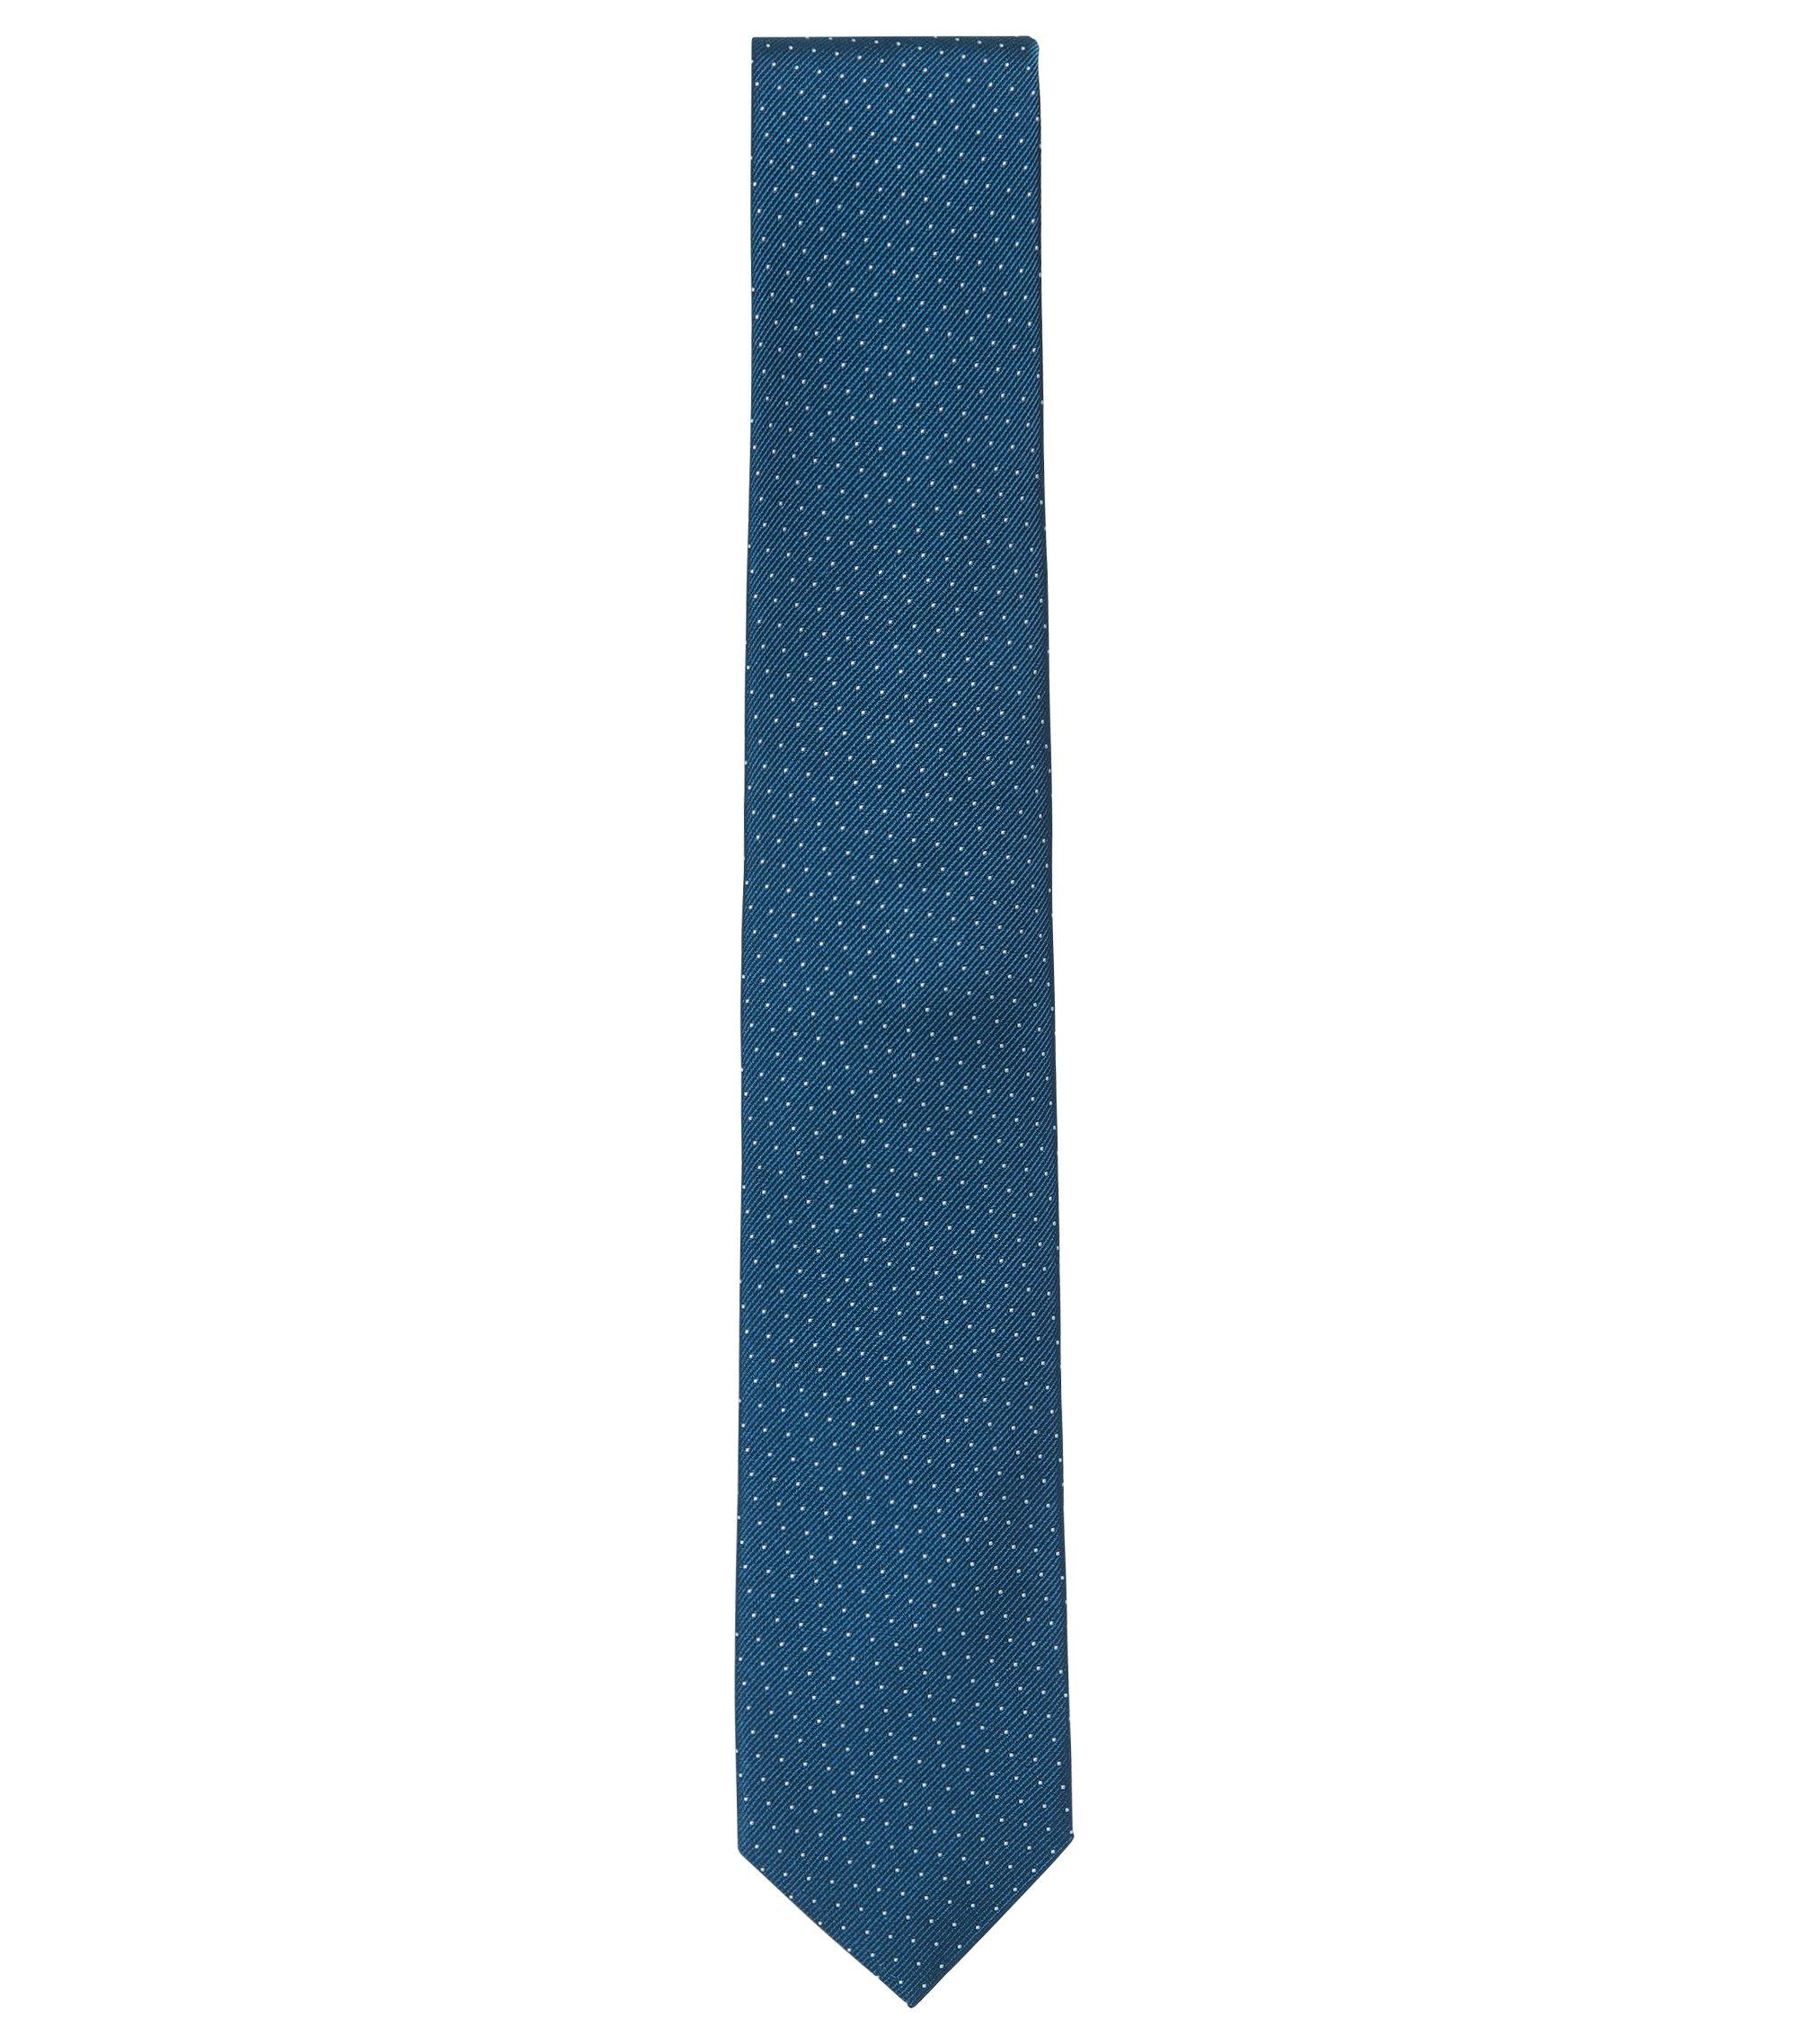 Fein gepunktete Krawatte aus edler Seide, Dunkelblau